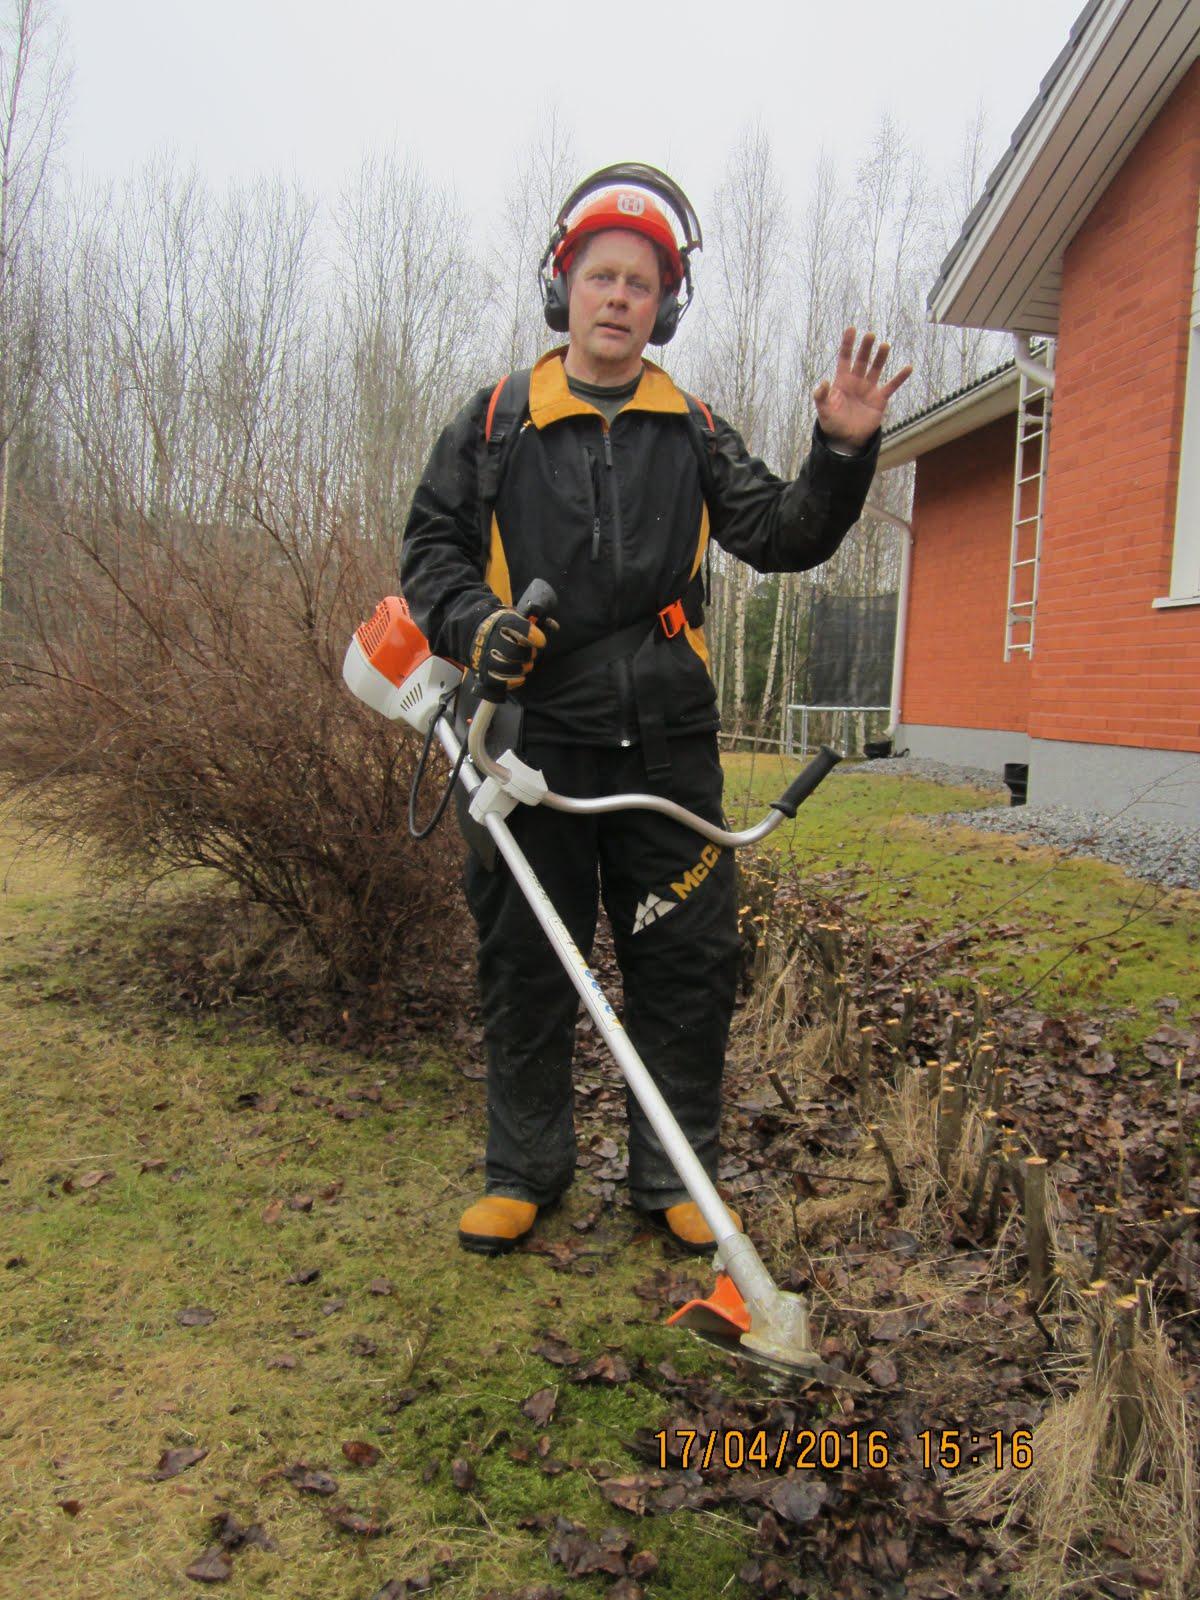 Pensasaitojen alasleikkaukset, pihapuiden kaadot Tampere Pirkanmaa Häme. Maksutapa käteisellä heti